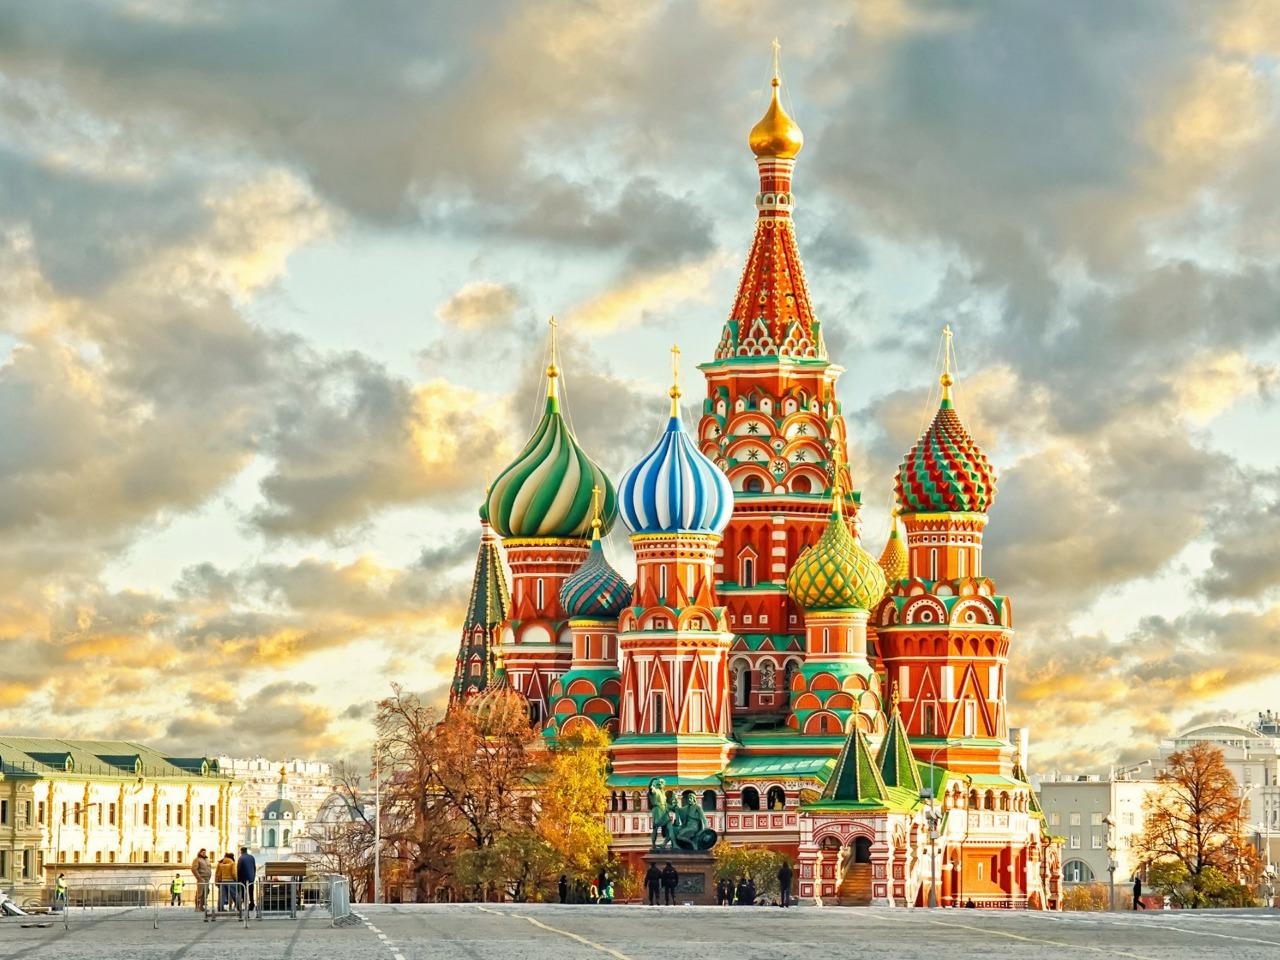 От Варварки до Китай-города - индивидуальная экскурсия по Москве от опытного гида